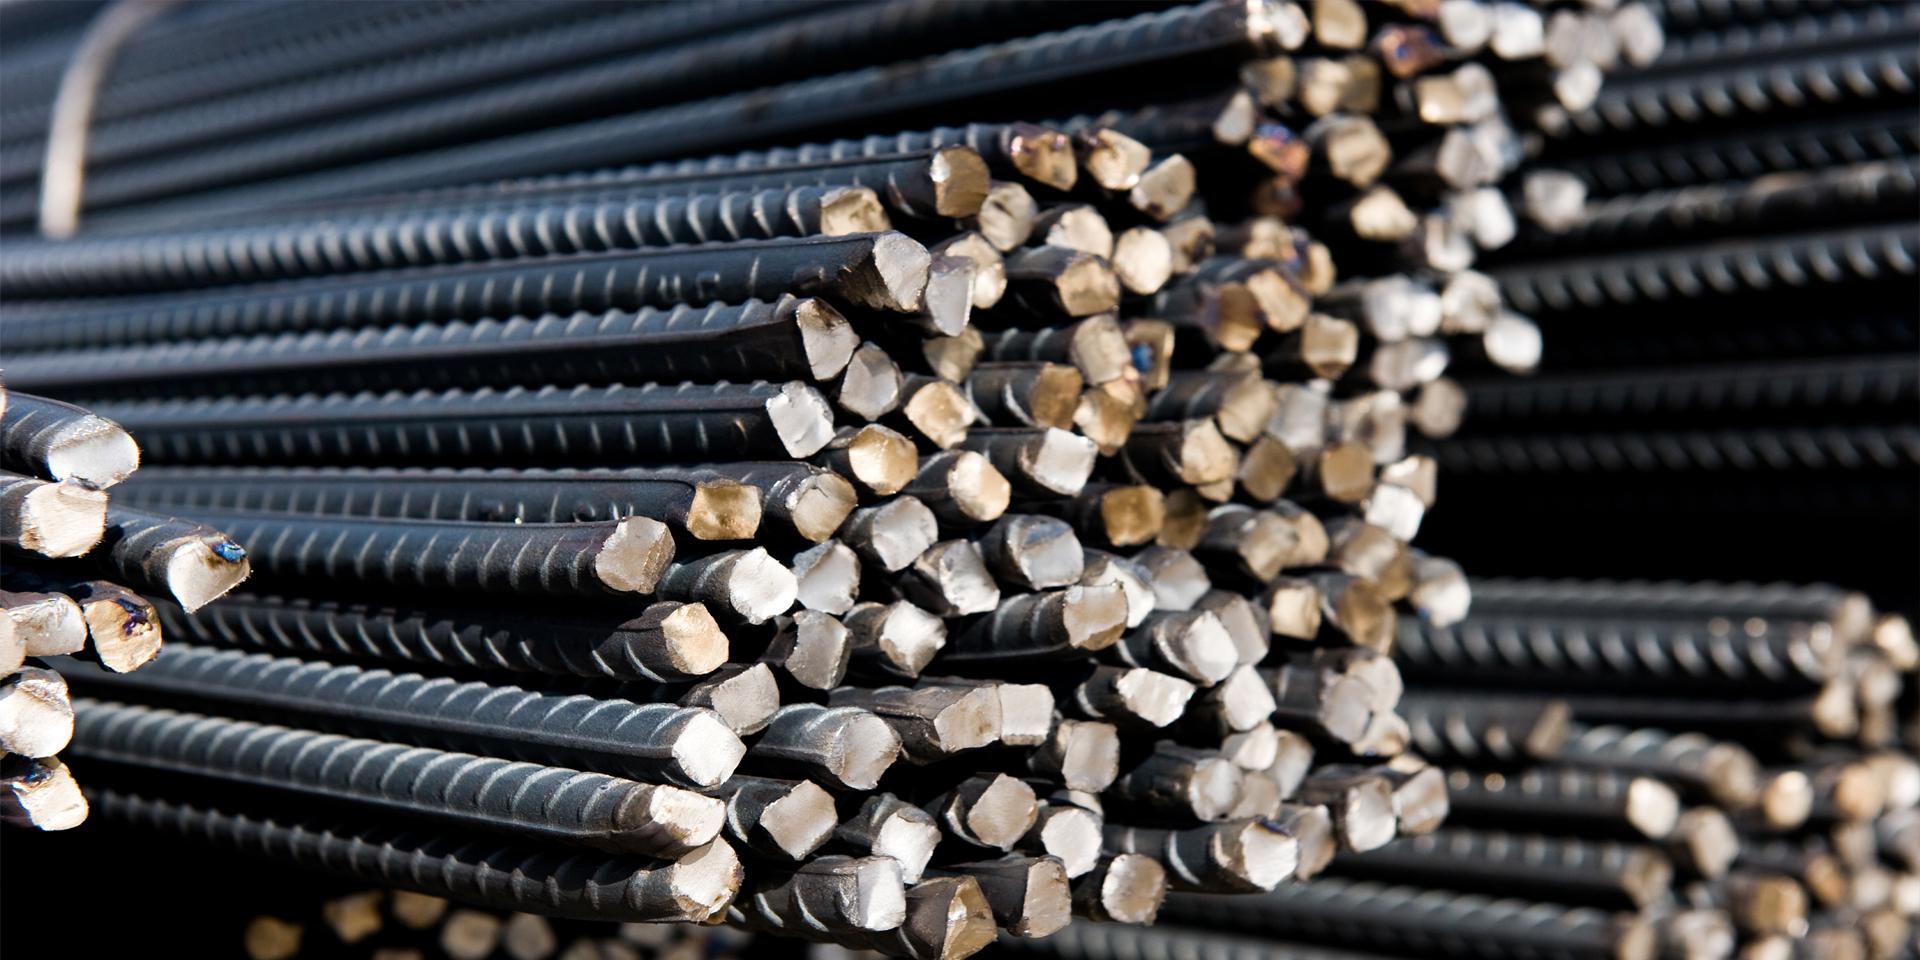 سیاستگذاری و تکمیل زنجیره صنعت فولاد در دولت یازدهم